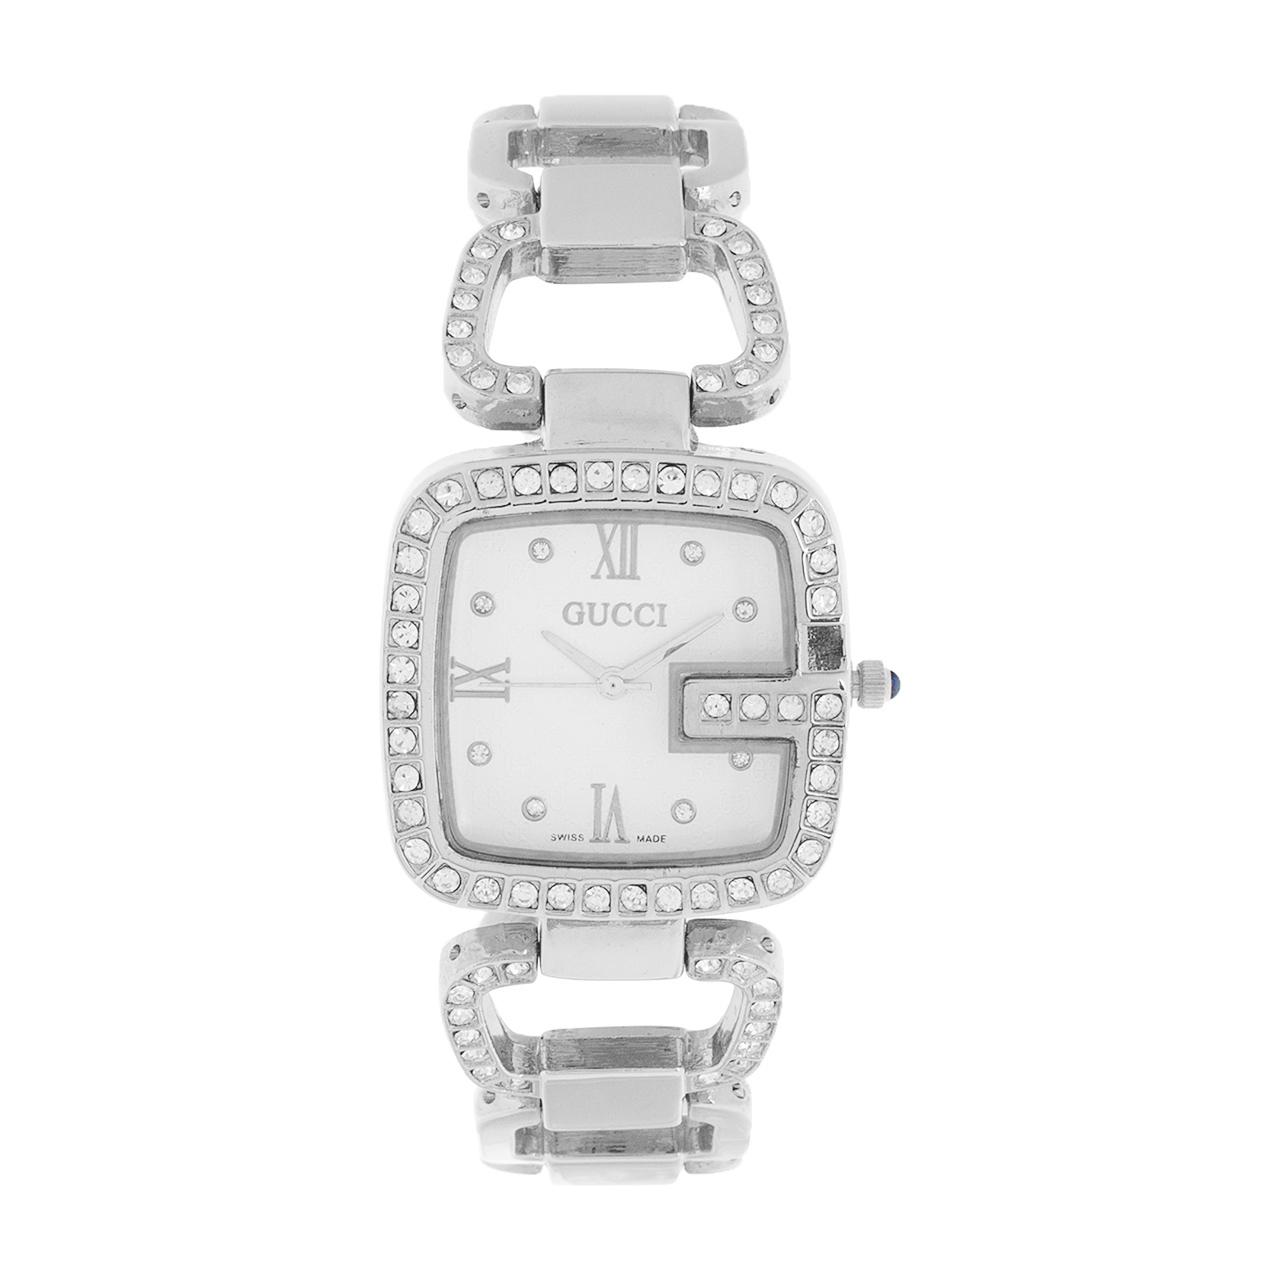 خرید ساعت مچی عقربه ای زنانه مدلGUCCI H26